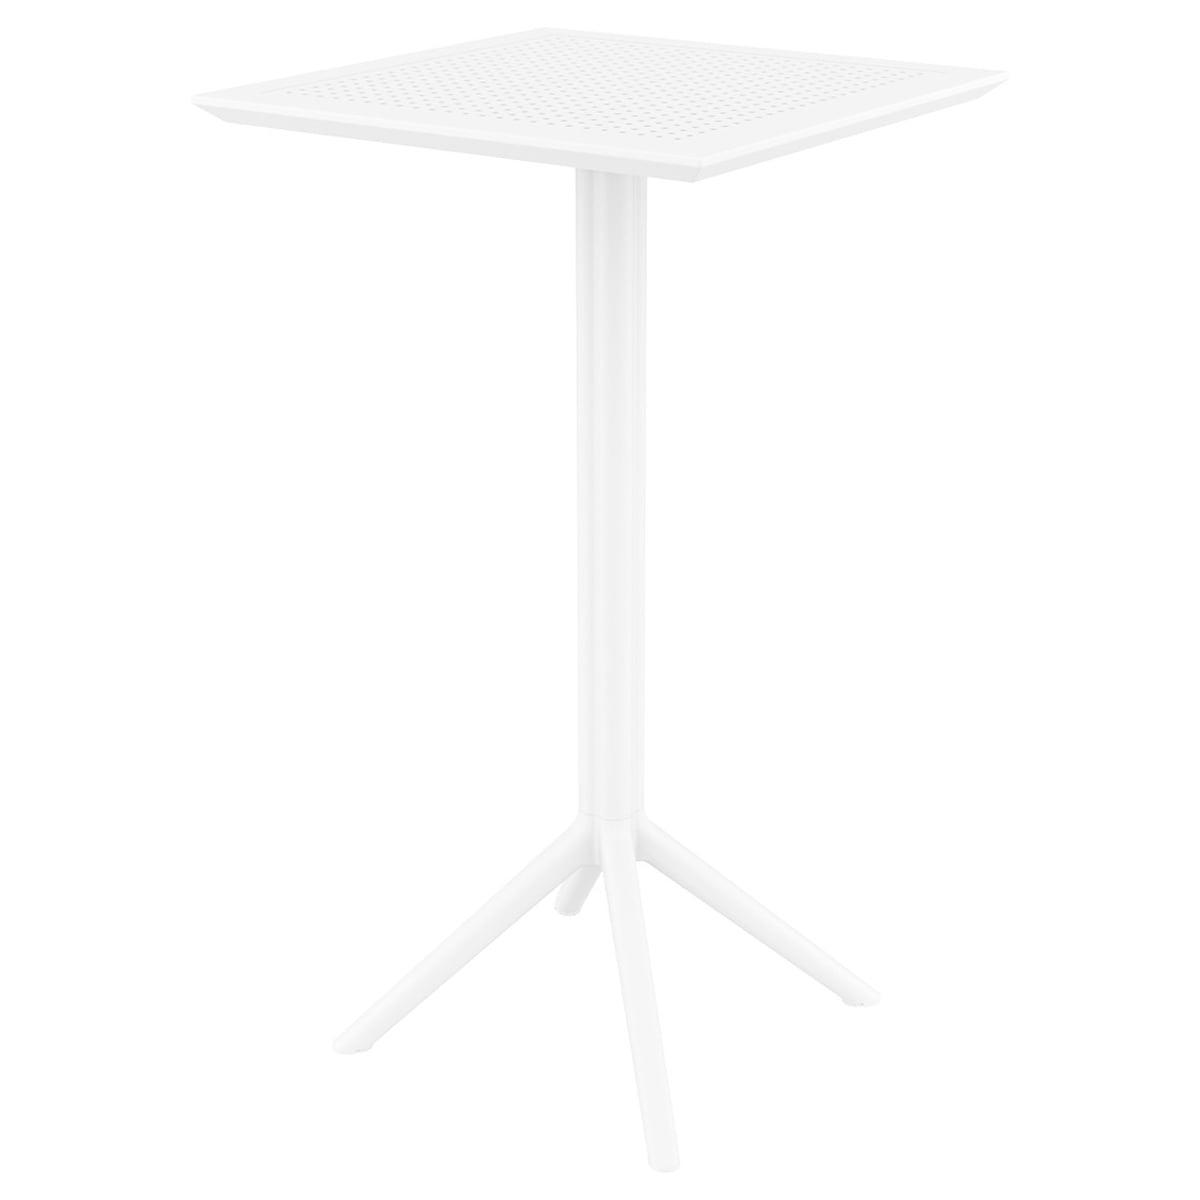 Neo 200116e Plastic Foldable Square Bar Table 60x60cm Neo Horeca Furniture